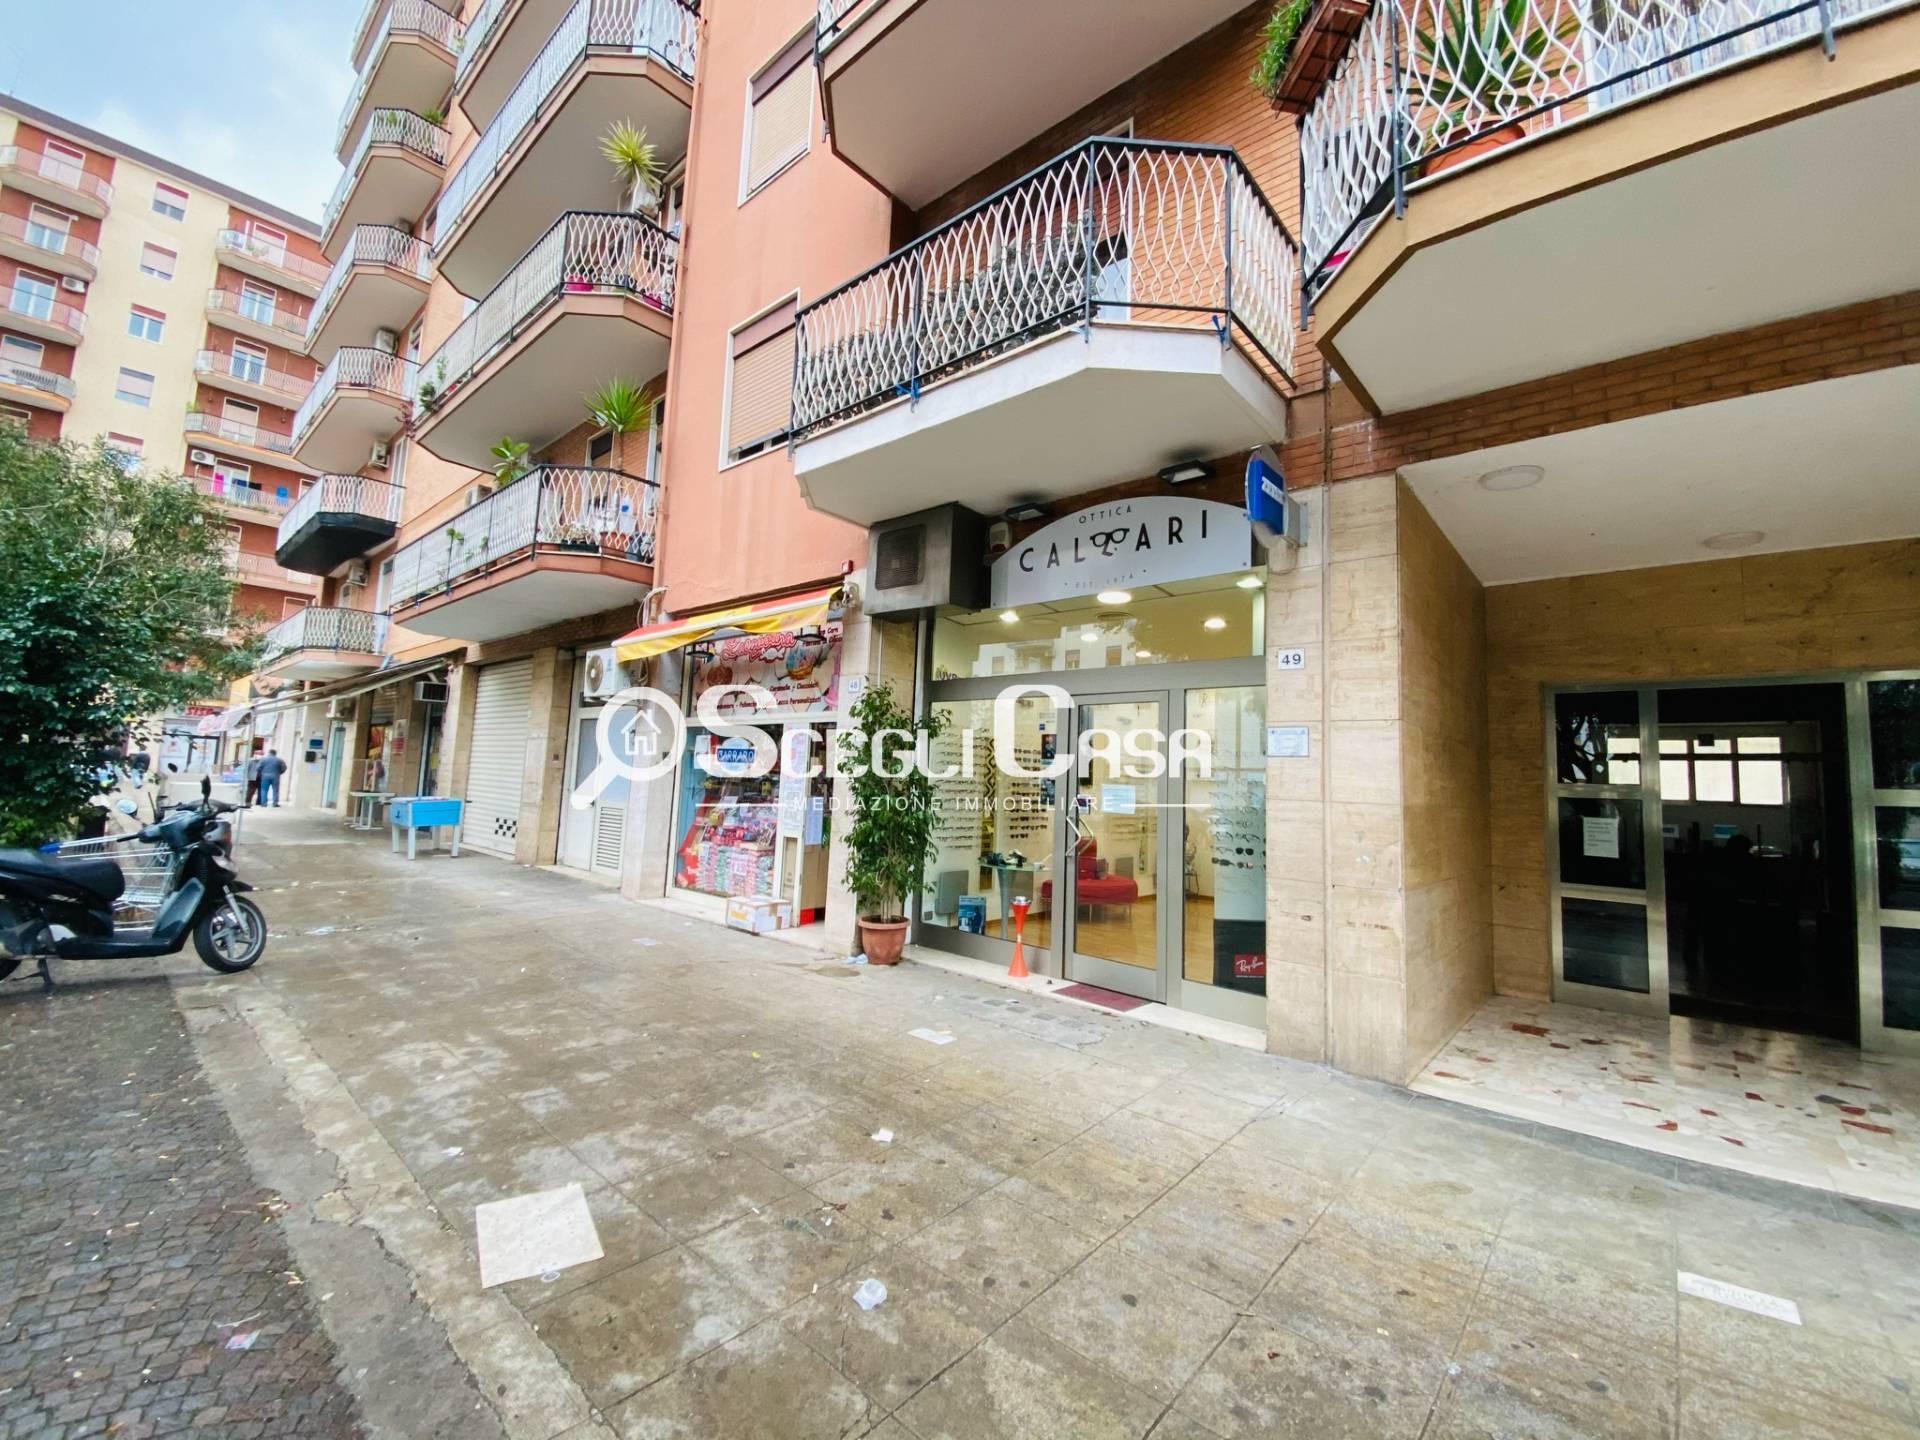 Negozio / Locale in vendita a Palermo, 9999 locali, zona Località: Villatasca, prezzo € 70.000 | CambioCasa.it